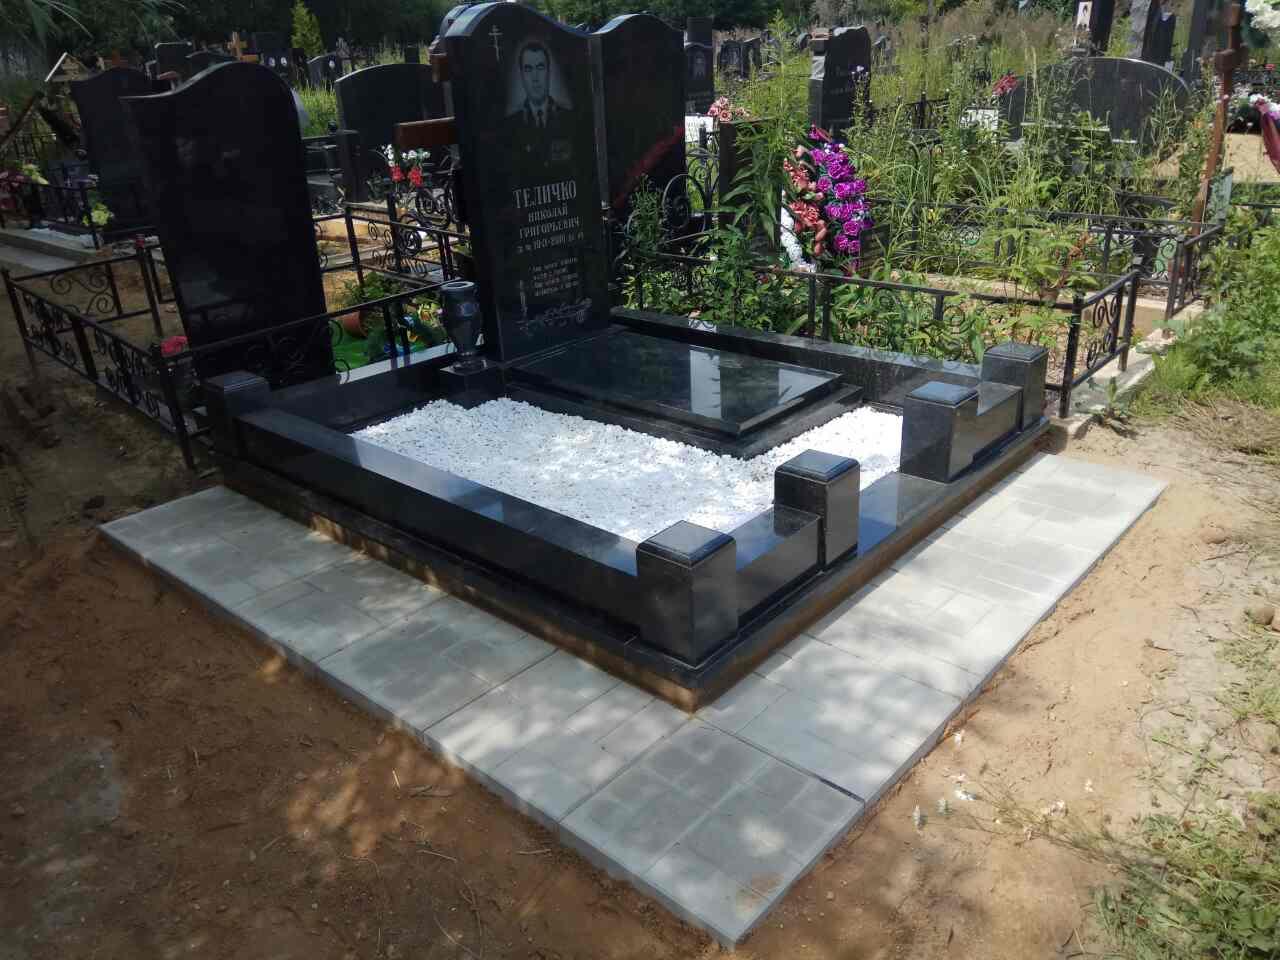 Плитка на кладбище фото надпись смерть